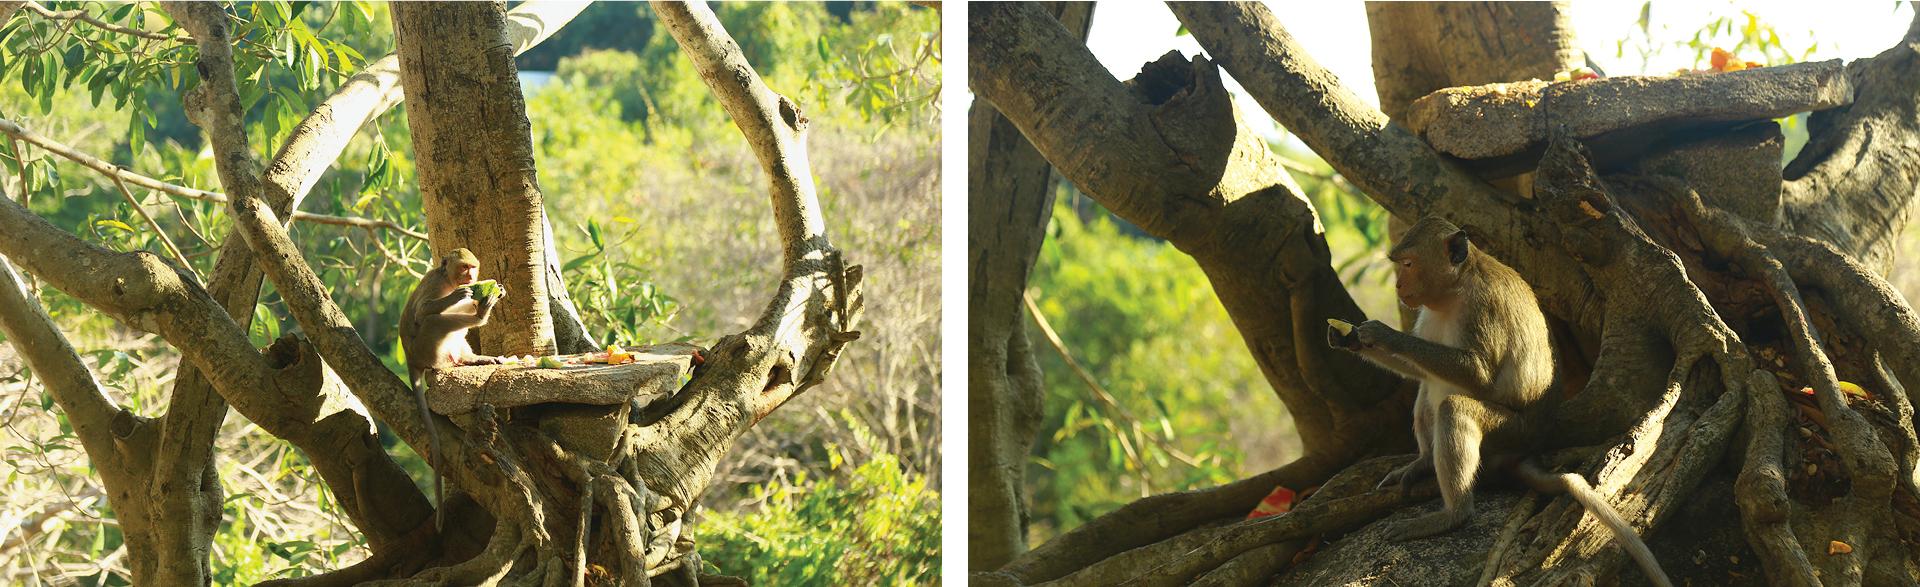 Đàn khỉ sống thân thiện với con người dưới chân núi Kỳ Vân ảnh 9